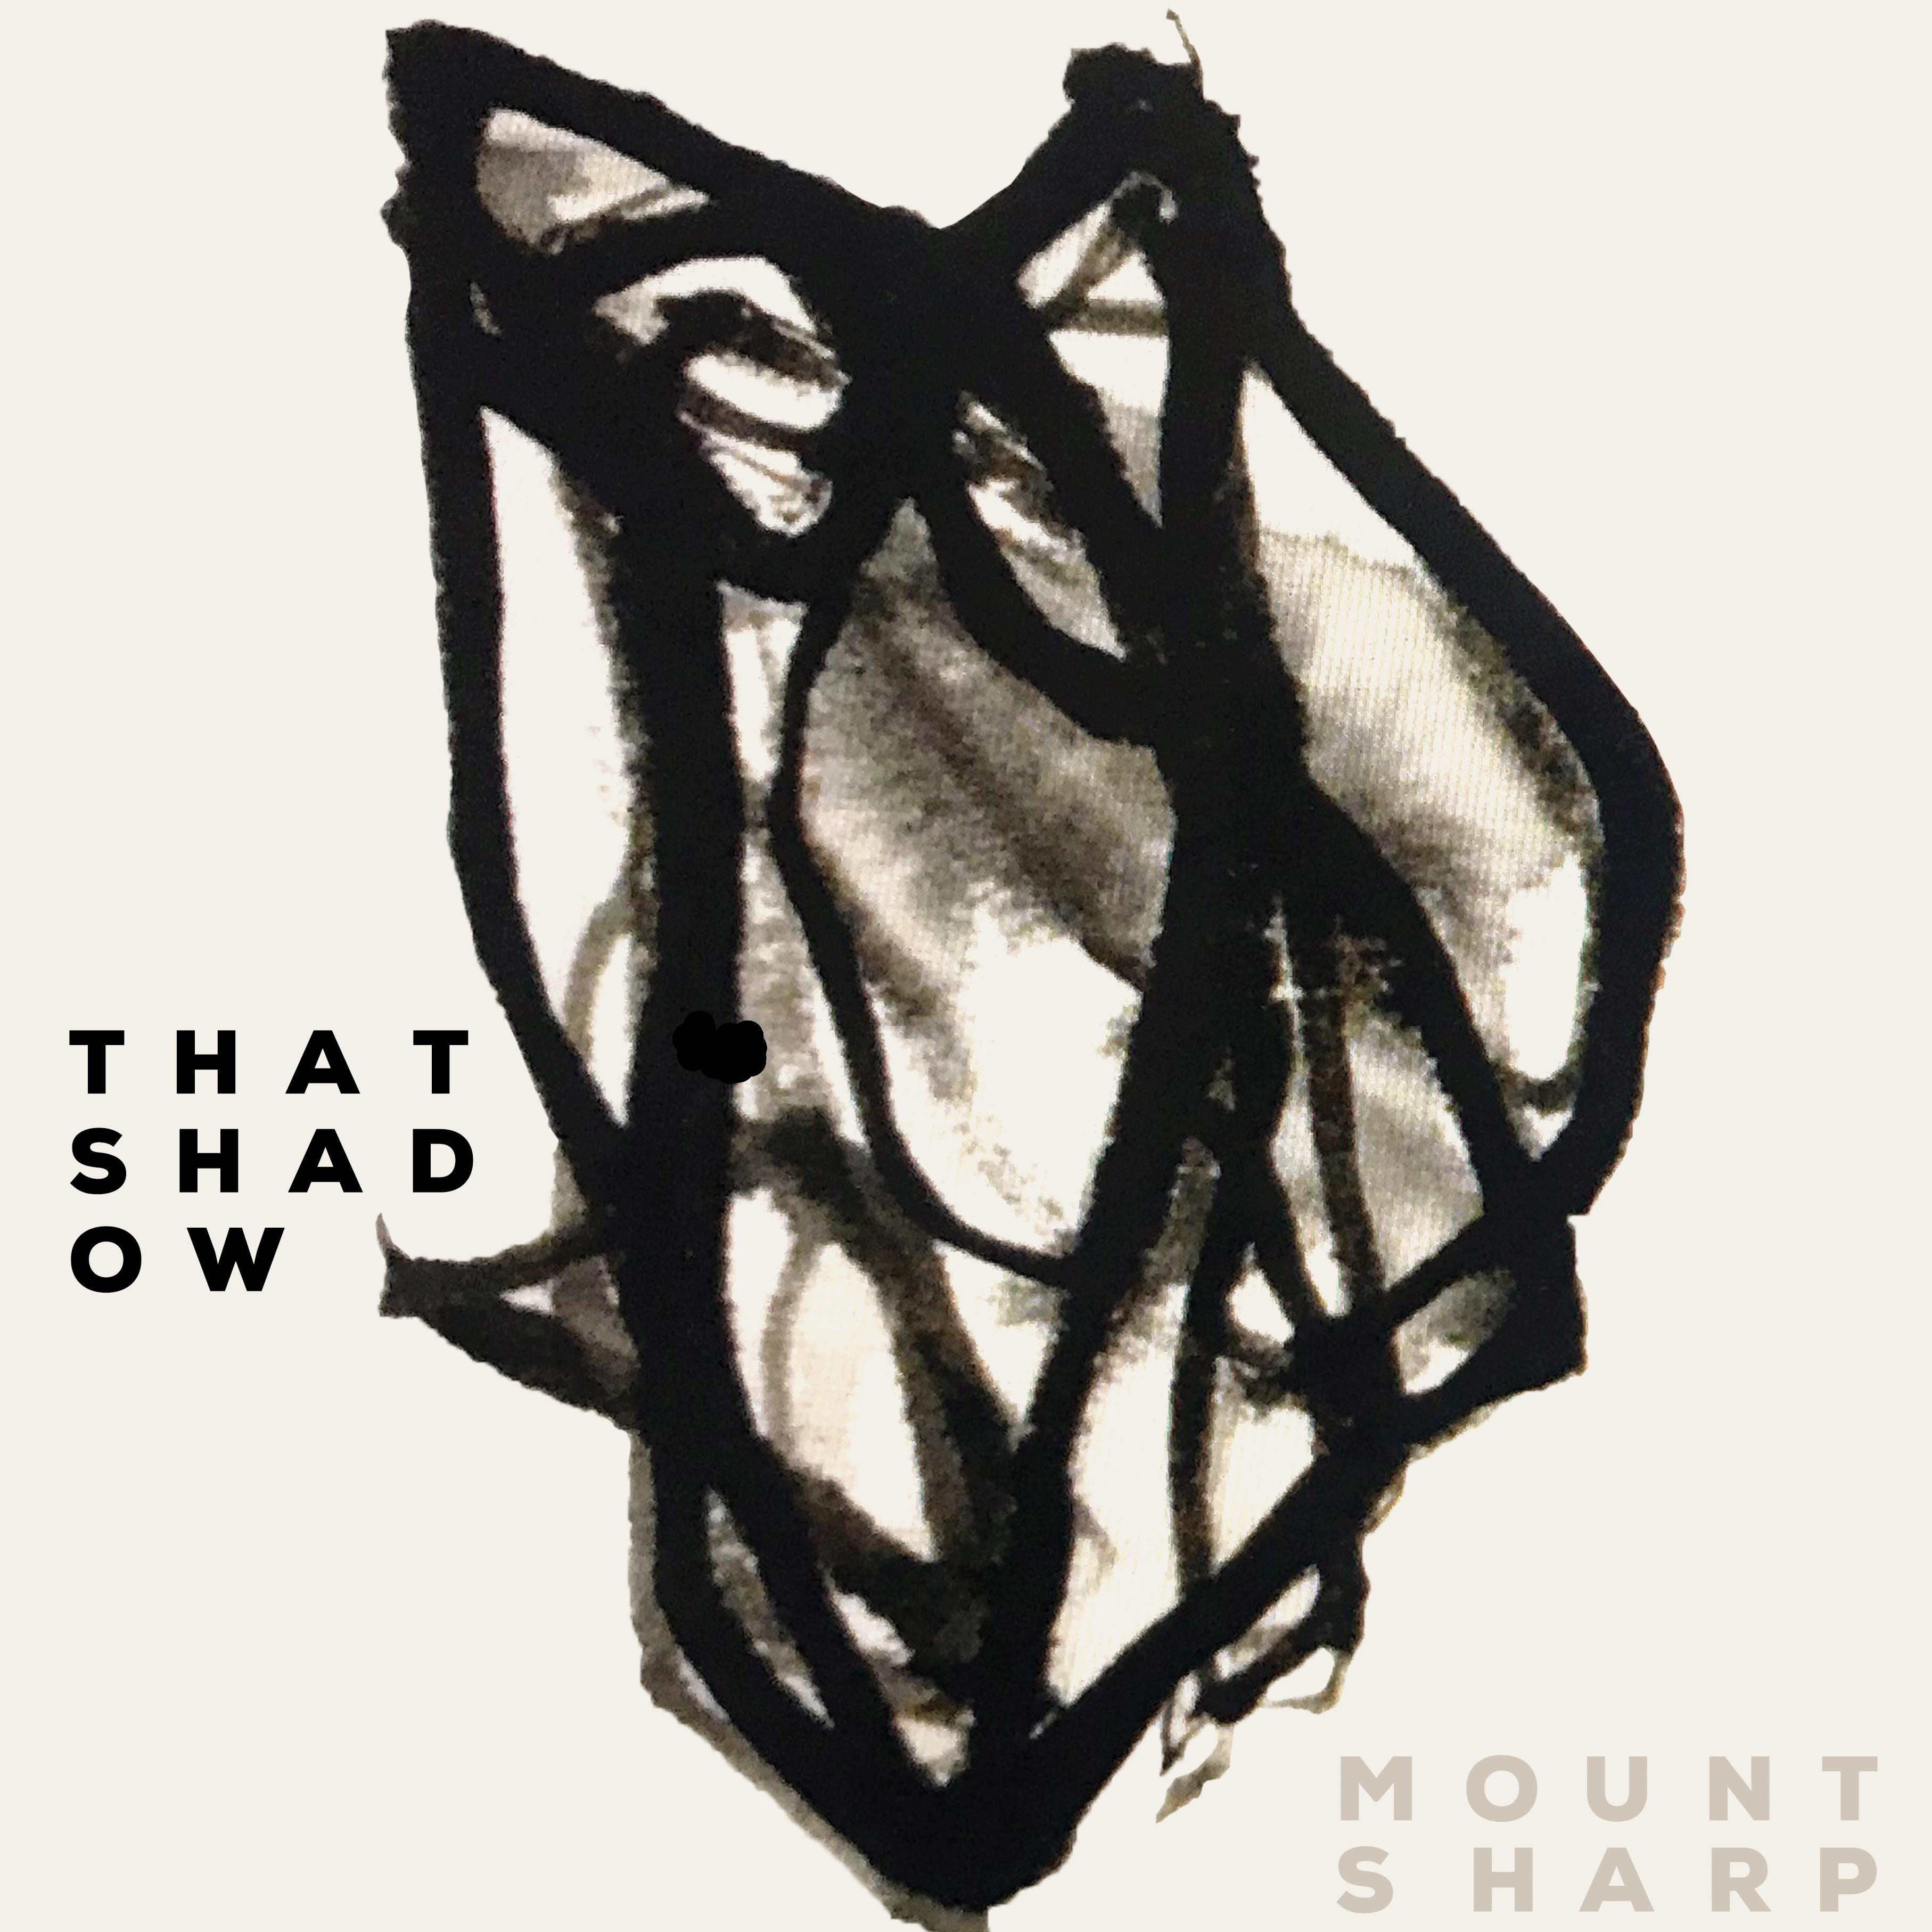 mount sharp THATSHADOW-cover